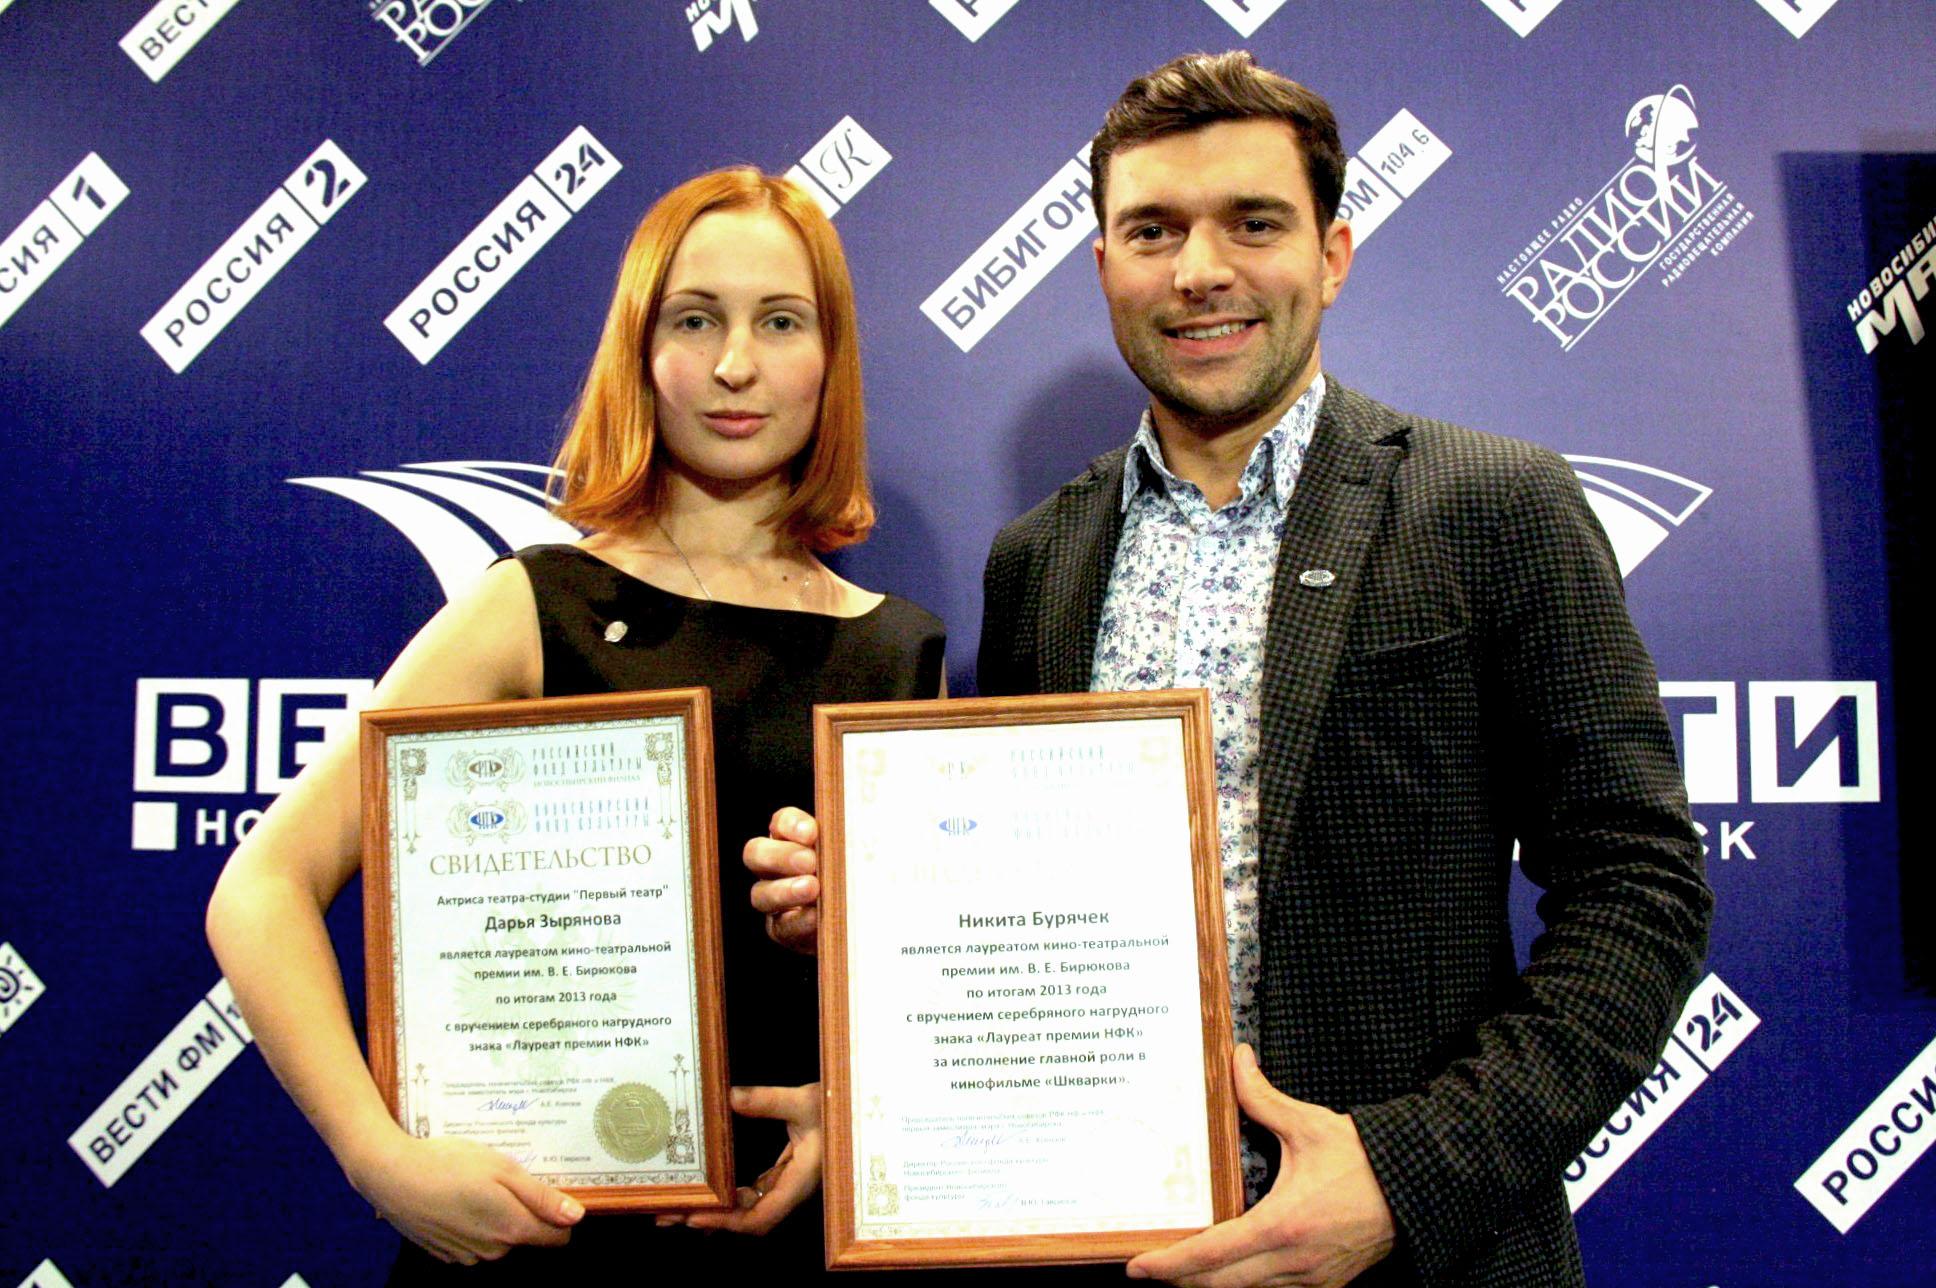 29 сентября состоялось вручение премии им. Владлена Бирюкова